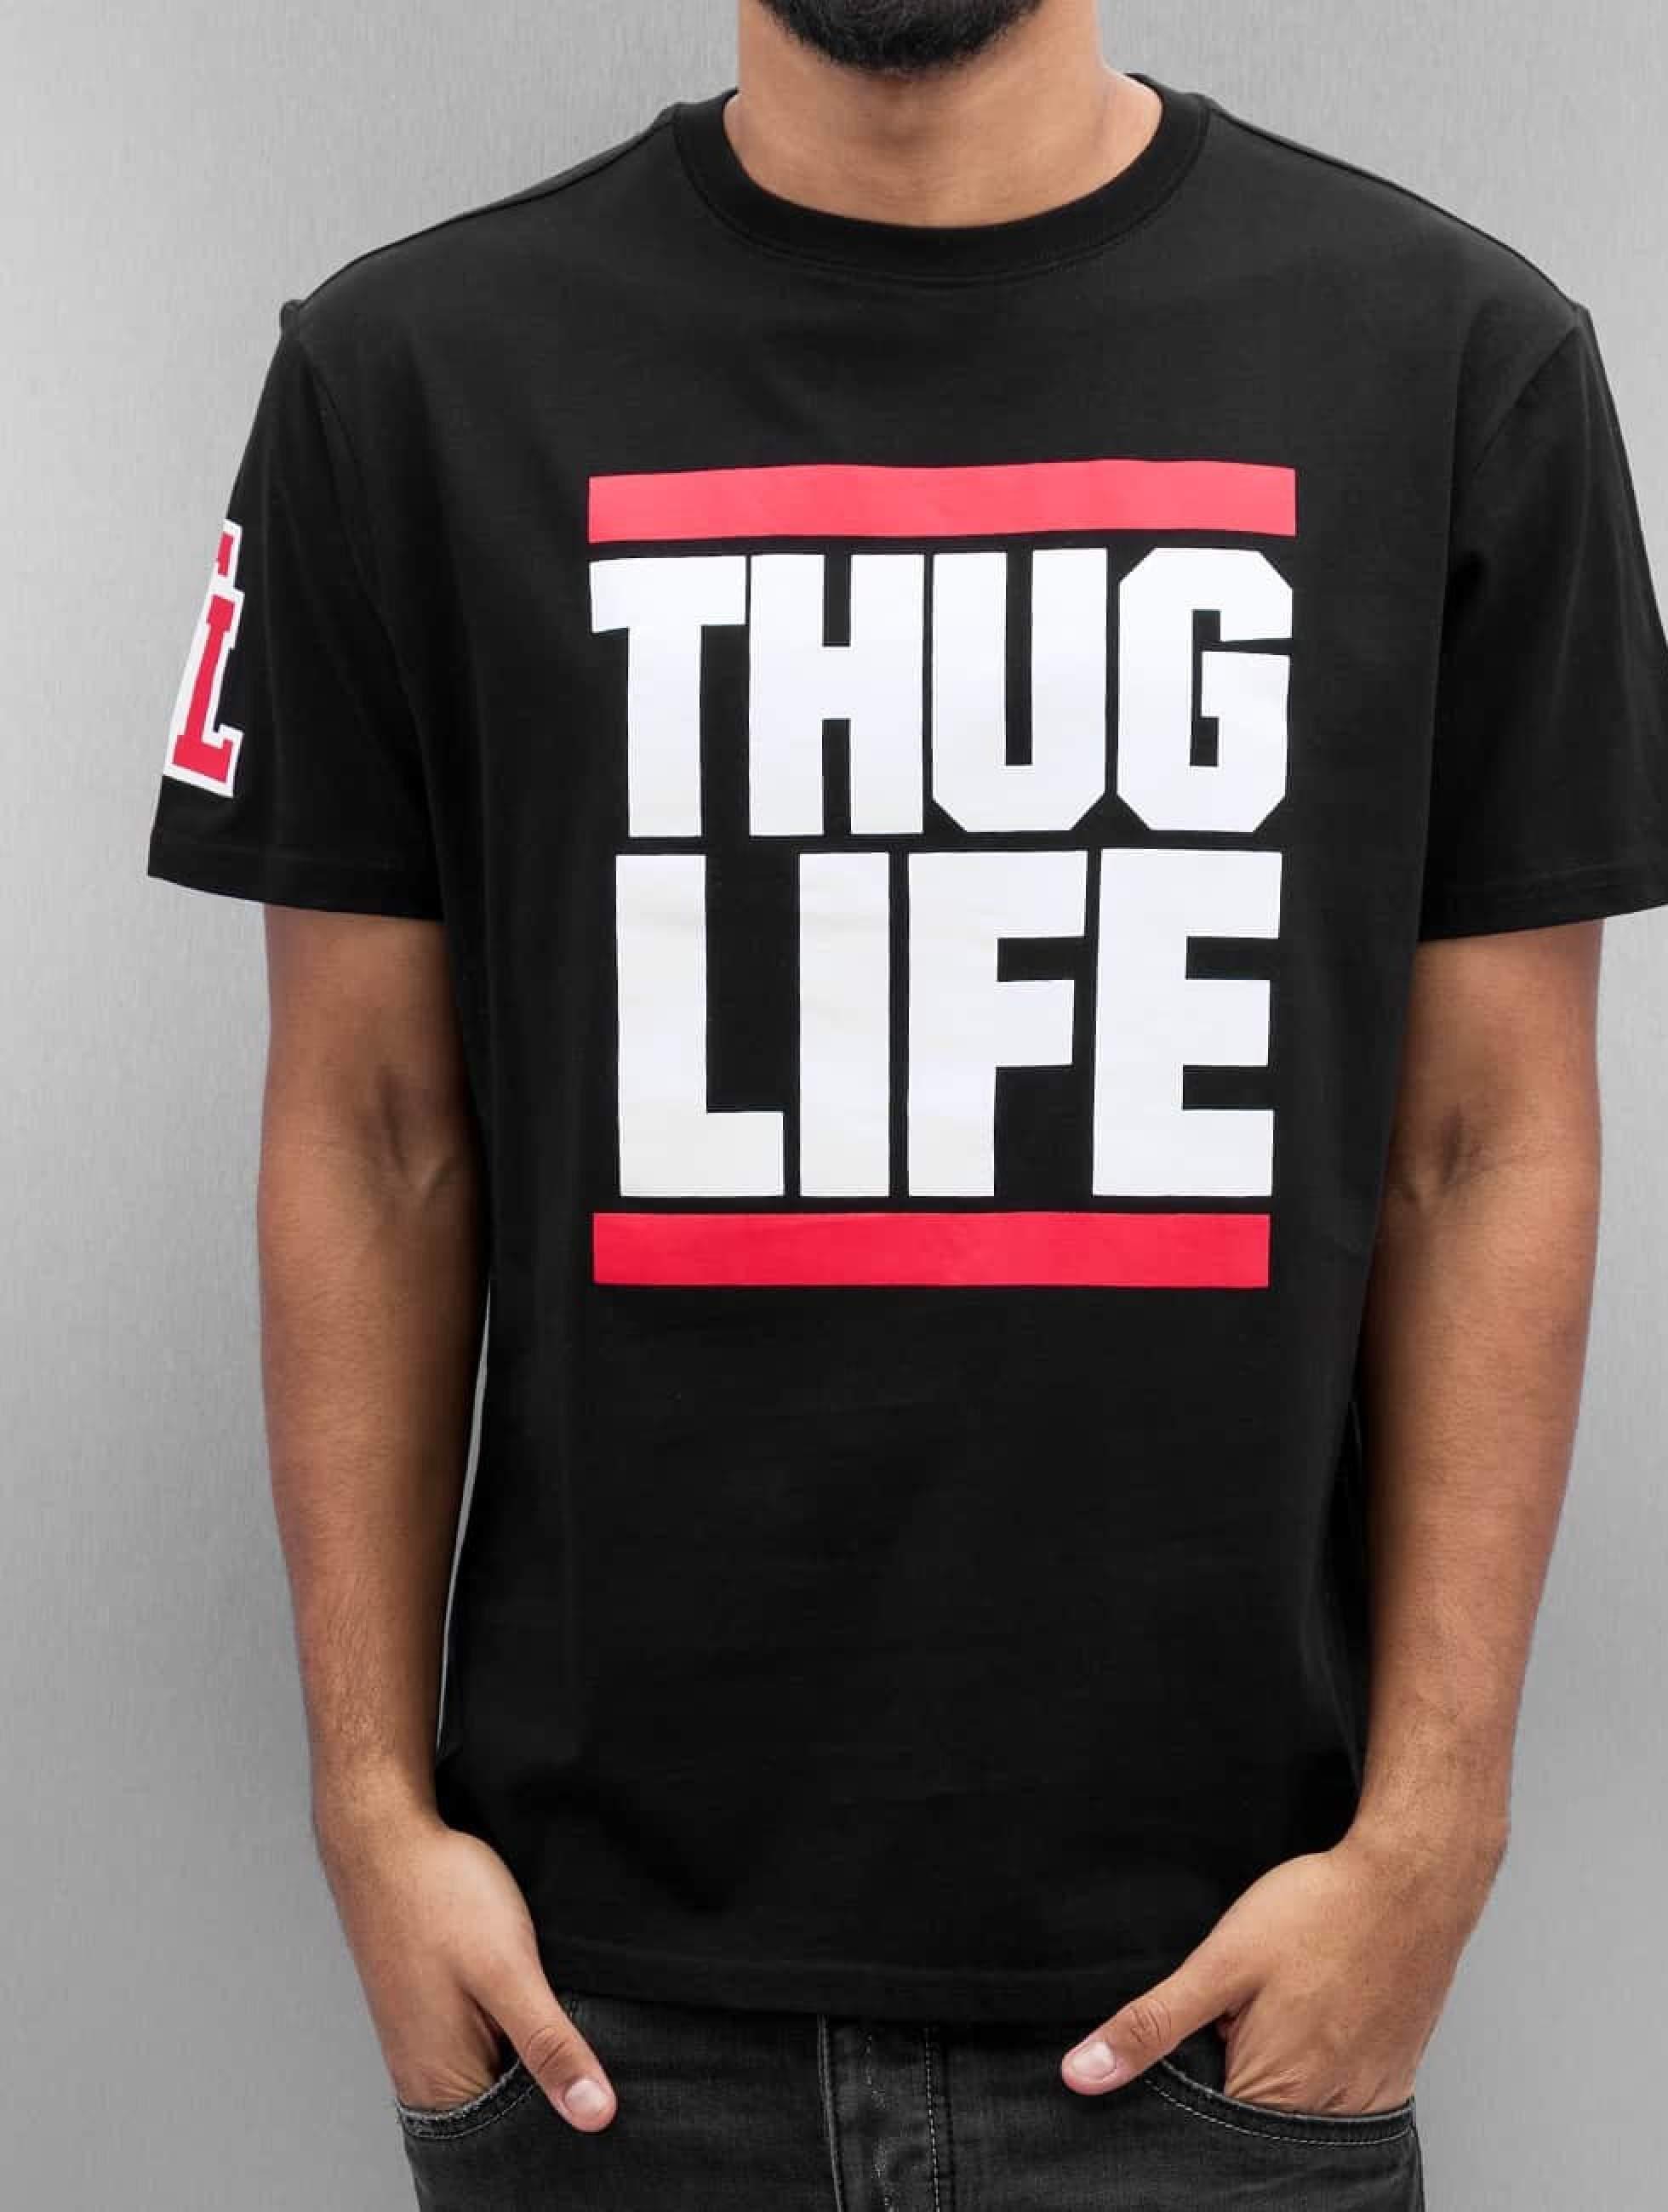 Thug Life / T-Shirt Bigfight in black 2XL